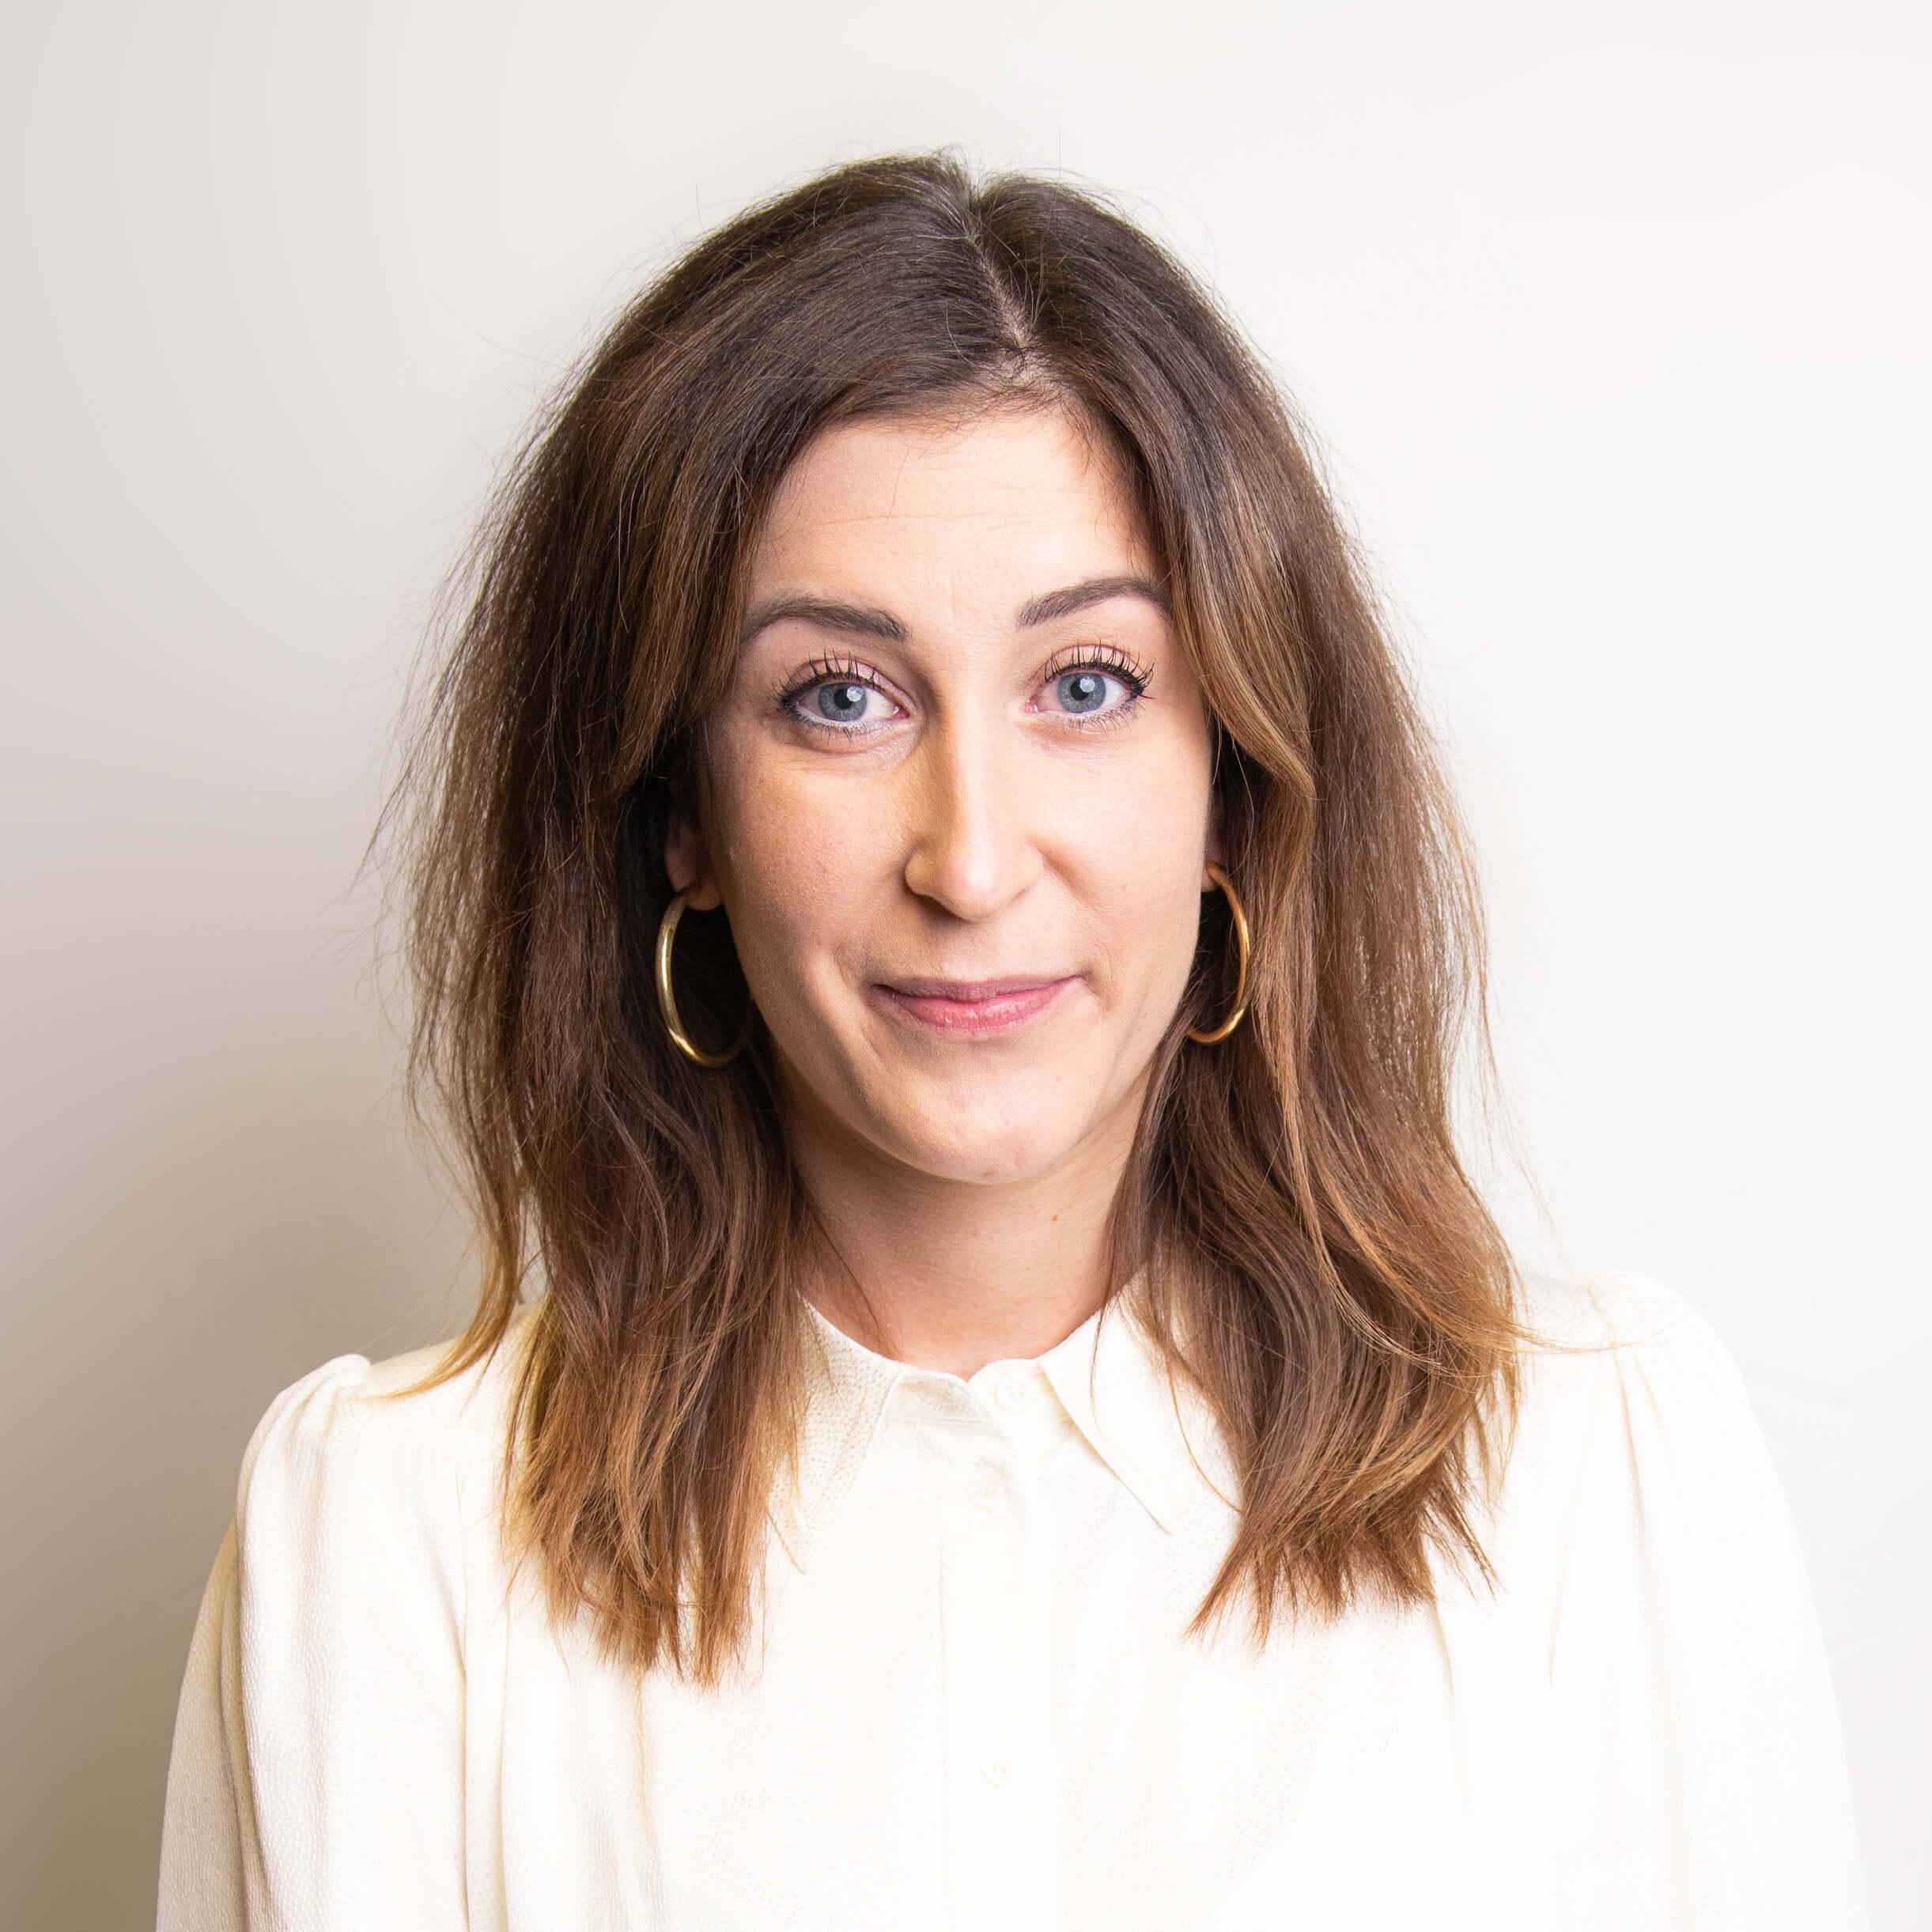 https://www.haar-werk.ch/wp-content/uploads/2020/12/Nicole-Zingg.jpg